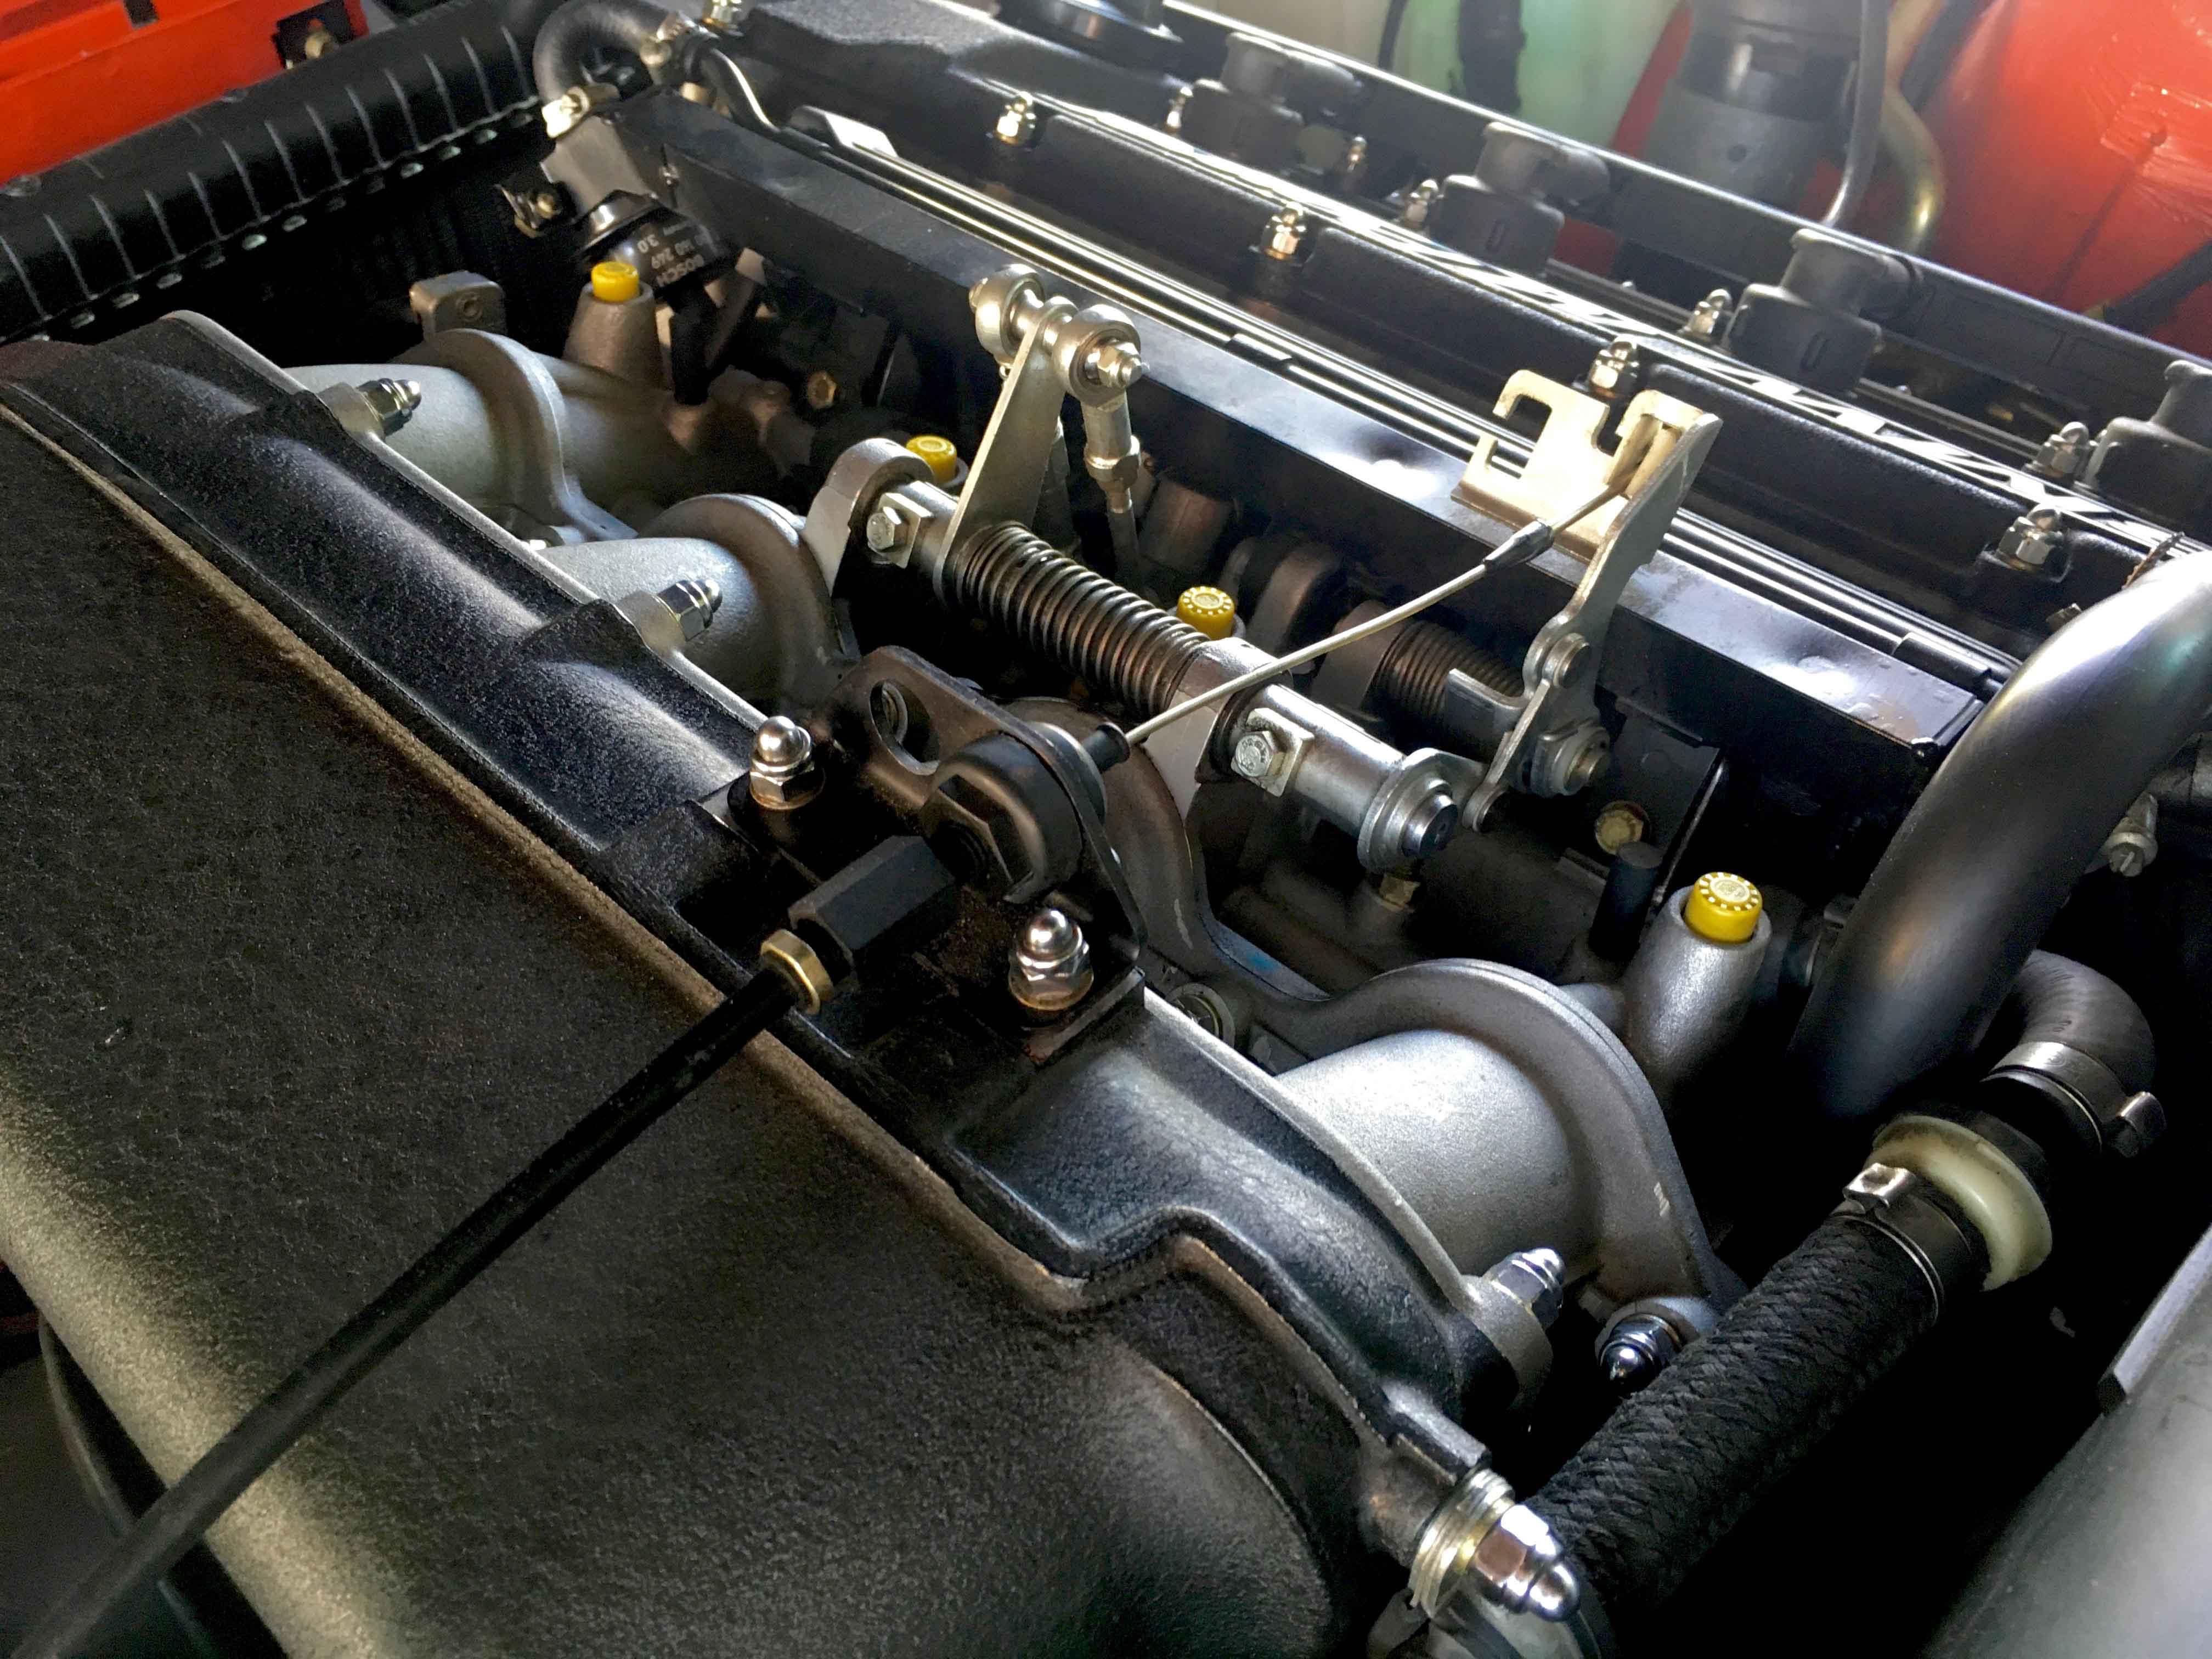 1987 BMW M3 Intake manifold